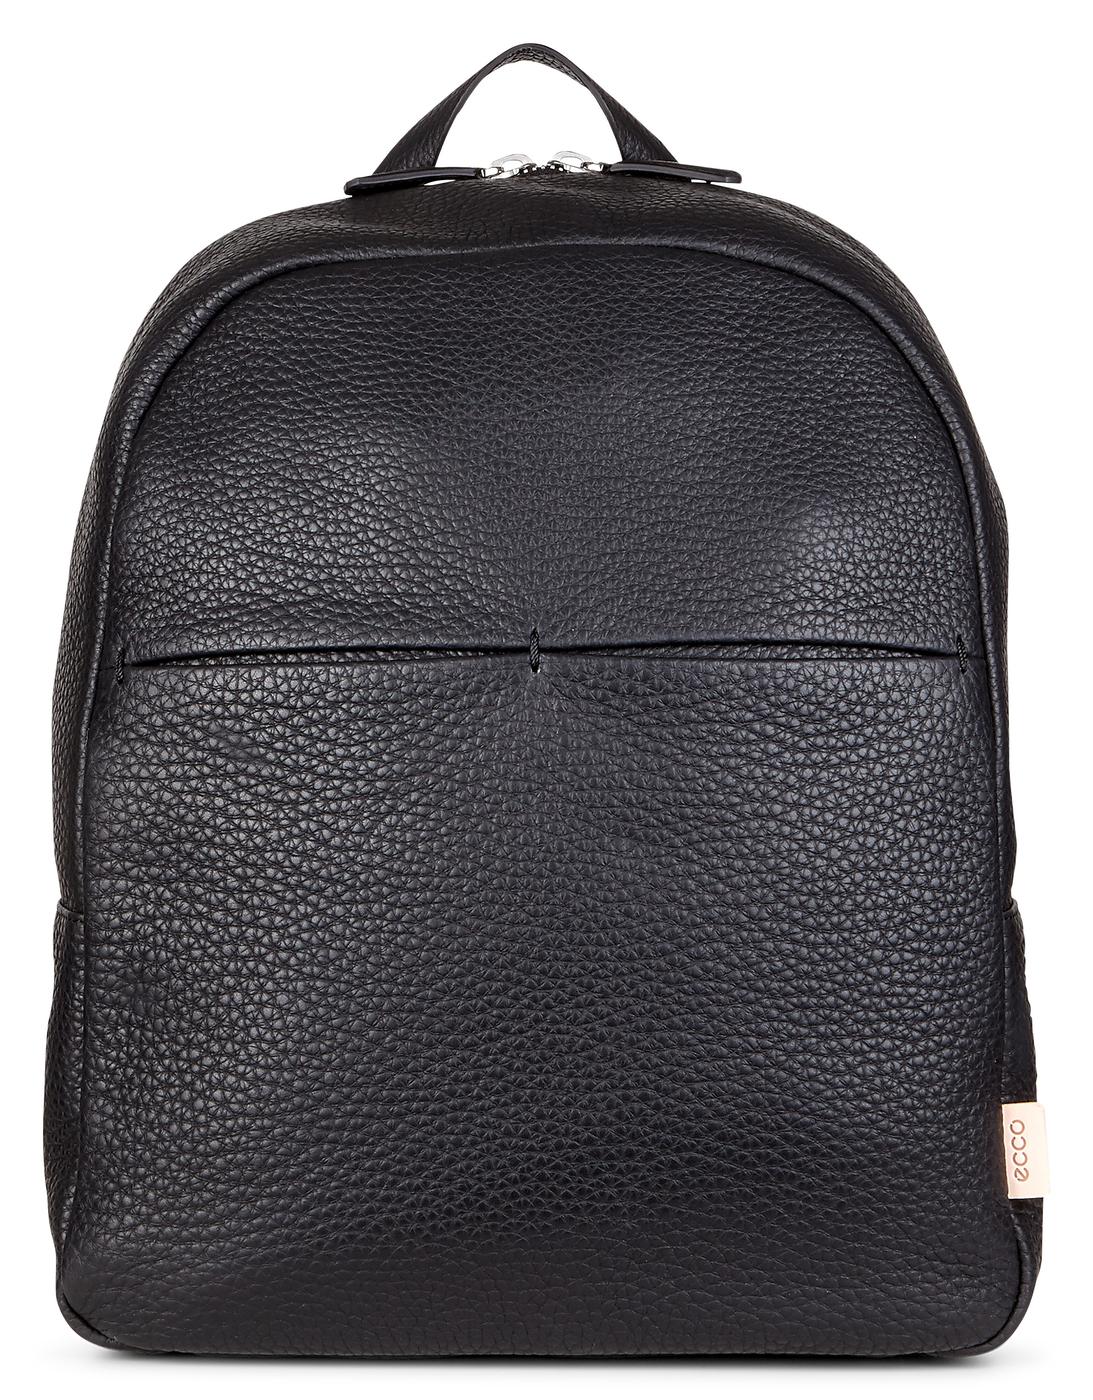 ECCO Mads Backpack